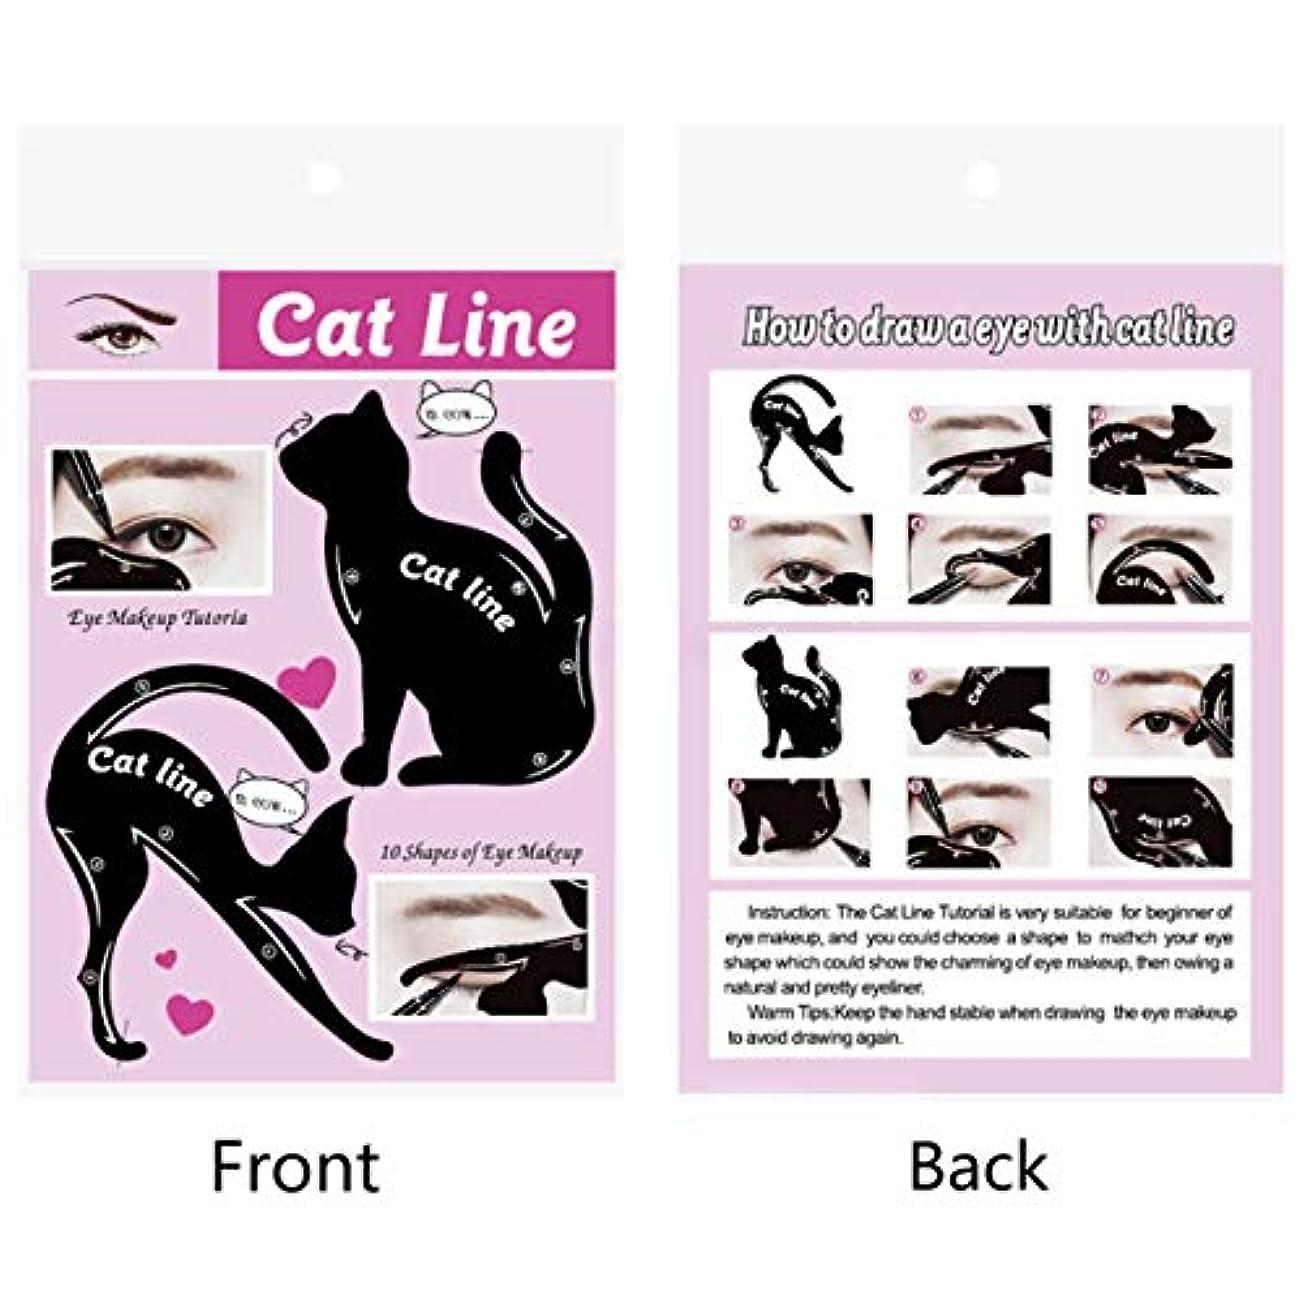 解任快適オーストラリア人Ququack 女性猫ラインアイメイクアイライナーユニークなステンシルテンプレートメイクツールキット目のためのスタイリッシュなアイライナーツールブラック